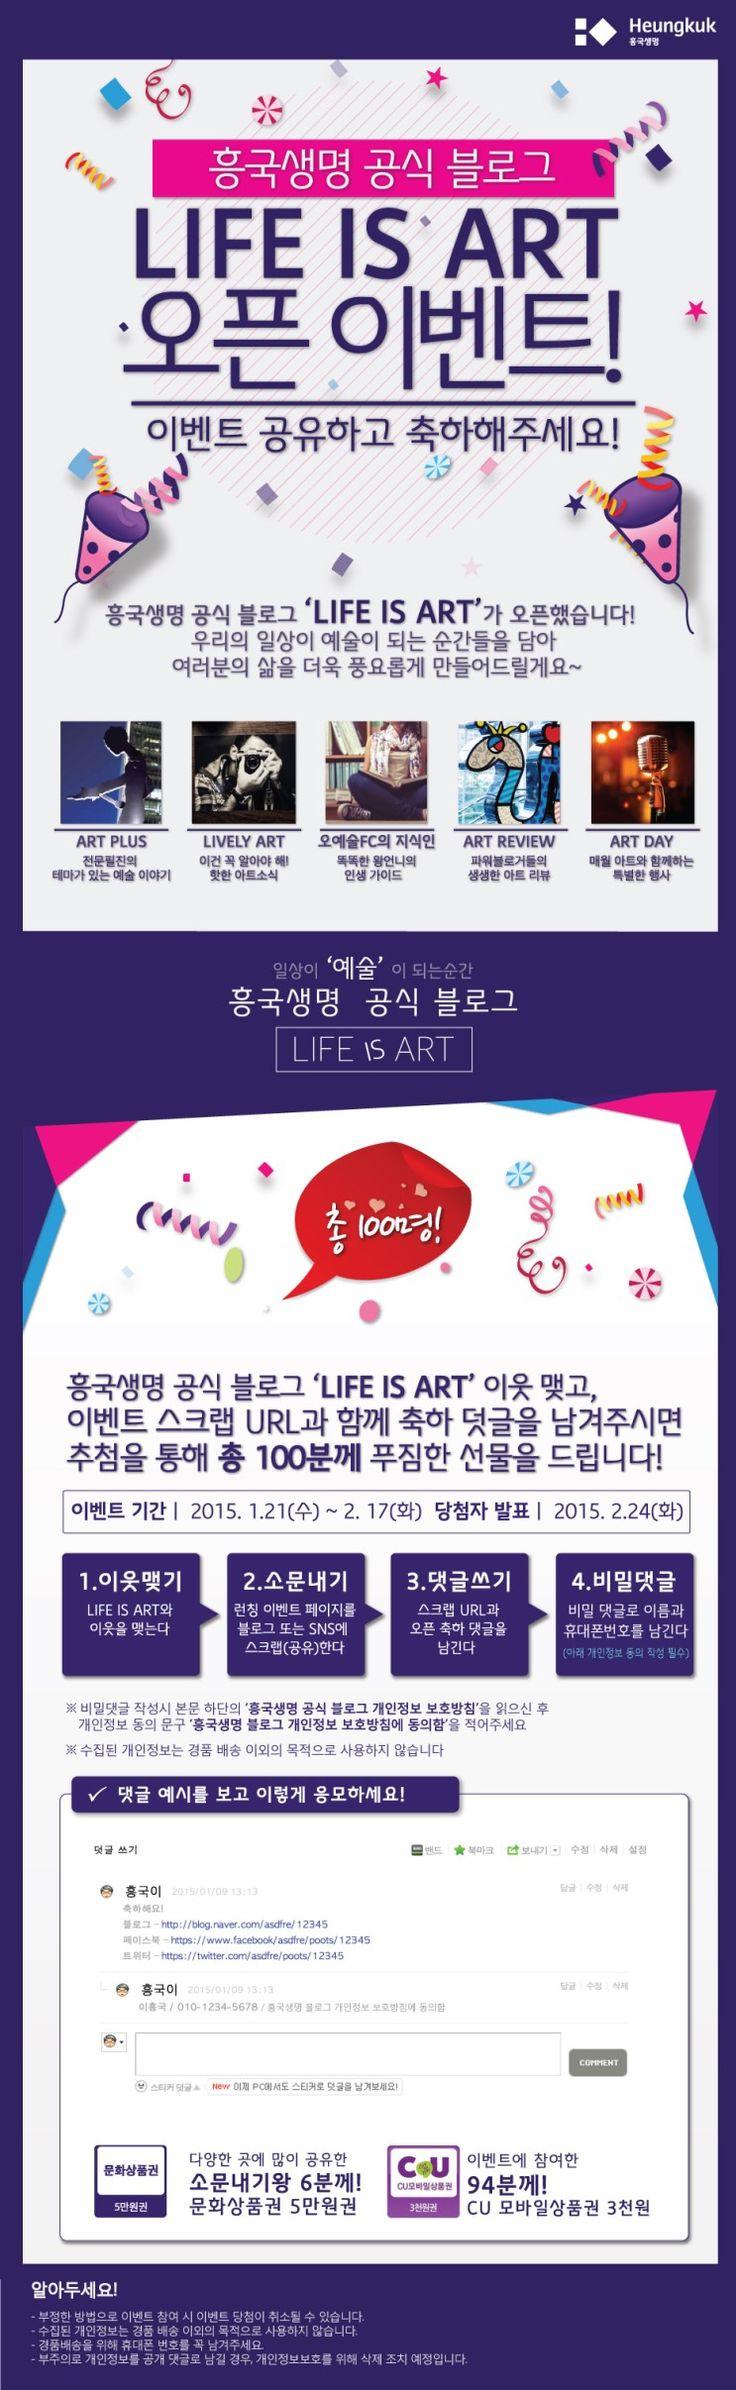 ★흥국생명 공식 블로그 오픈 이벤트★ 이웃맺고 소문을 내면 푸짐한 상품이!! http://heungkuklifeblog.com/220246604778